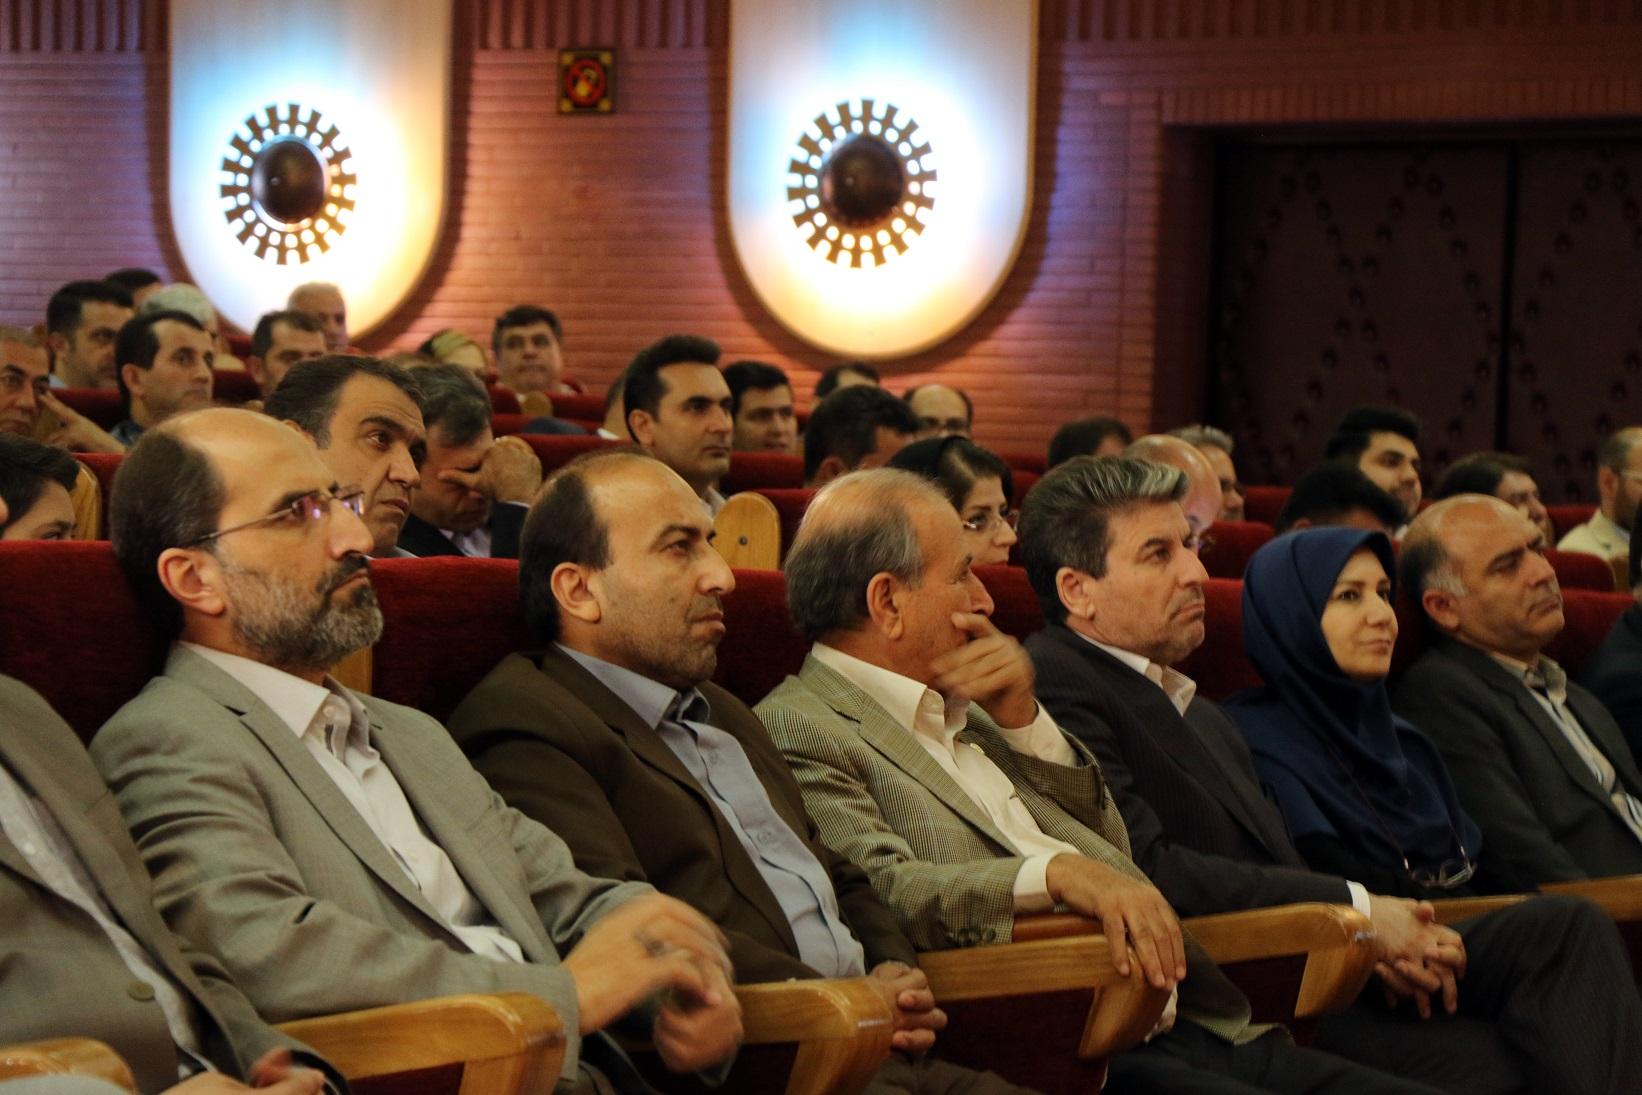 مراسم بزرگداشت روز ملی صنعت و معدن در آذربایجان غربی + تصاویر